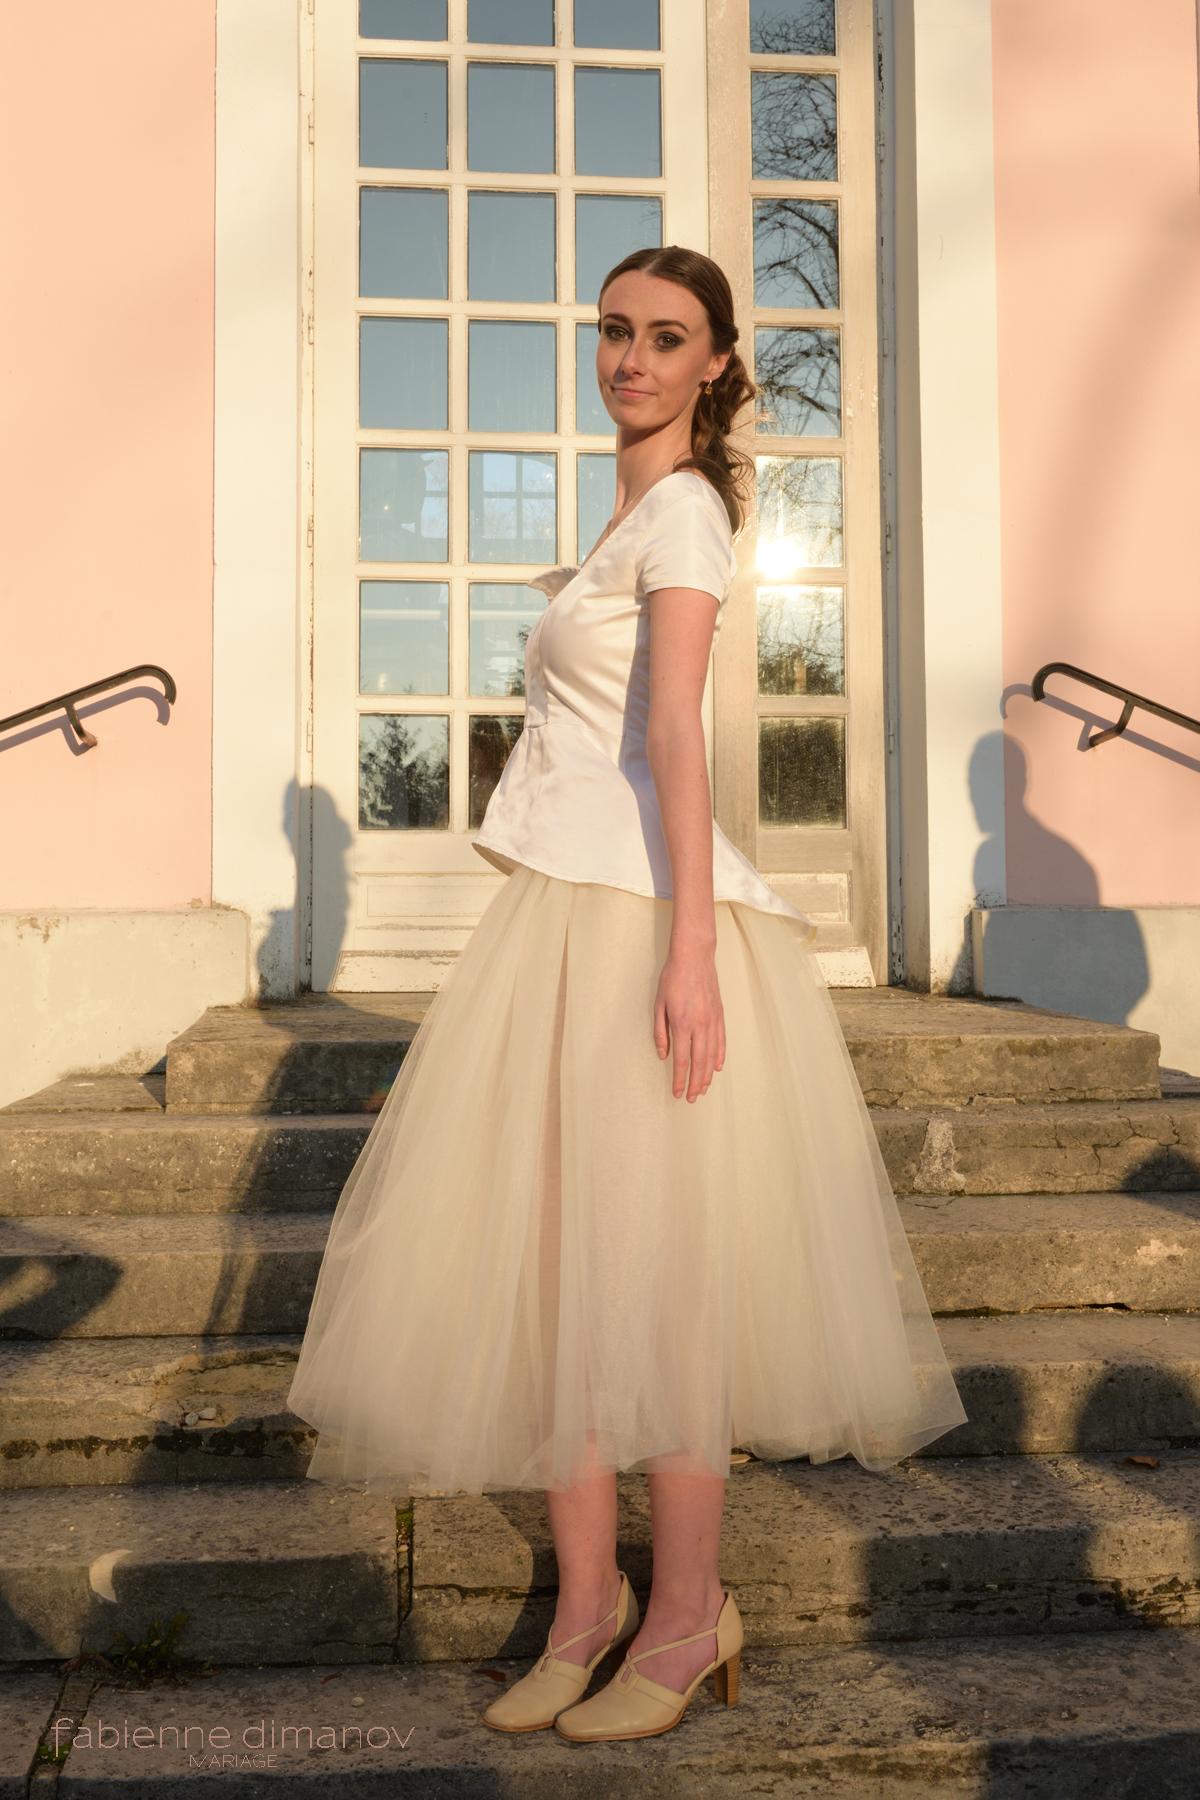 """Etoile """"L'Amour est éternel"""" – Fabienne Dimanov Mariage"""